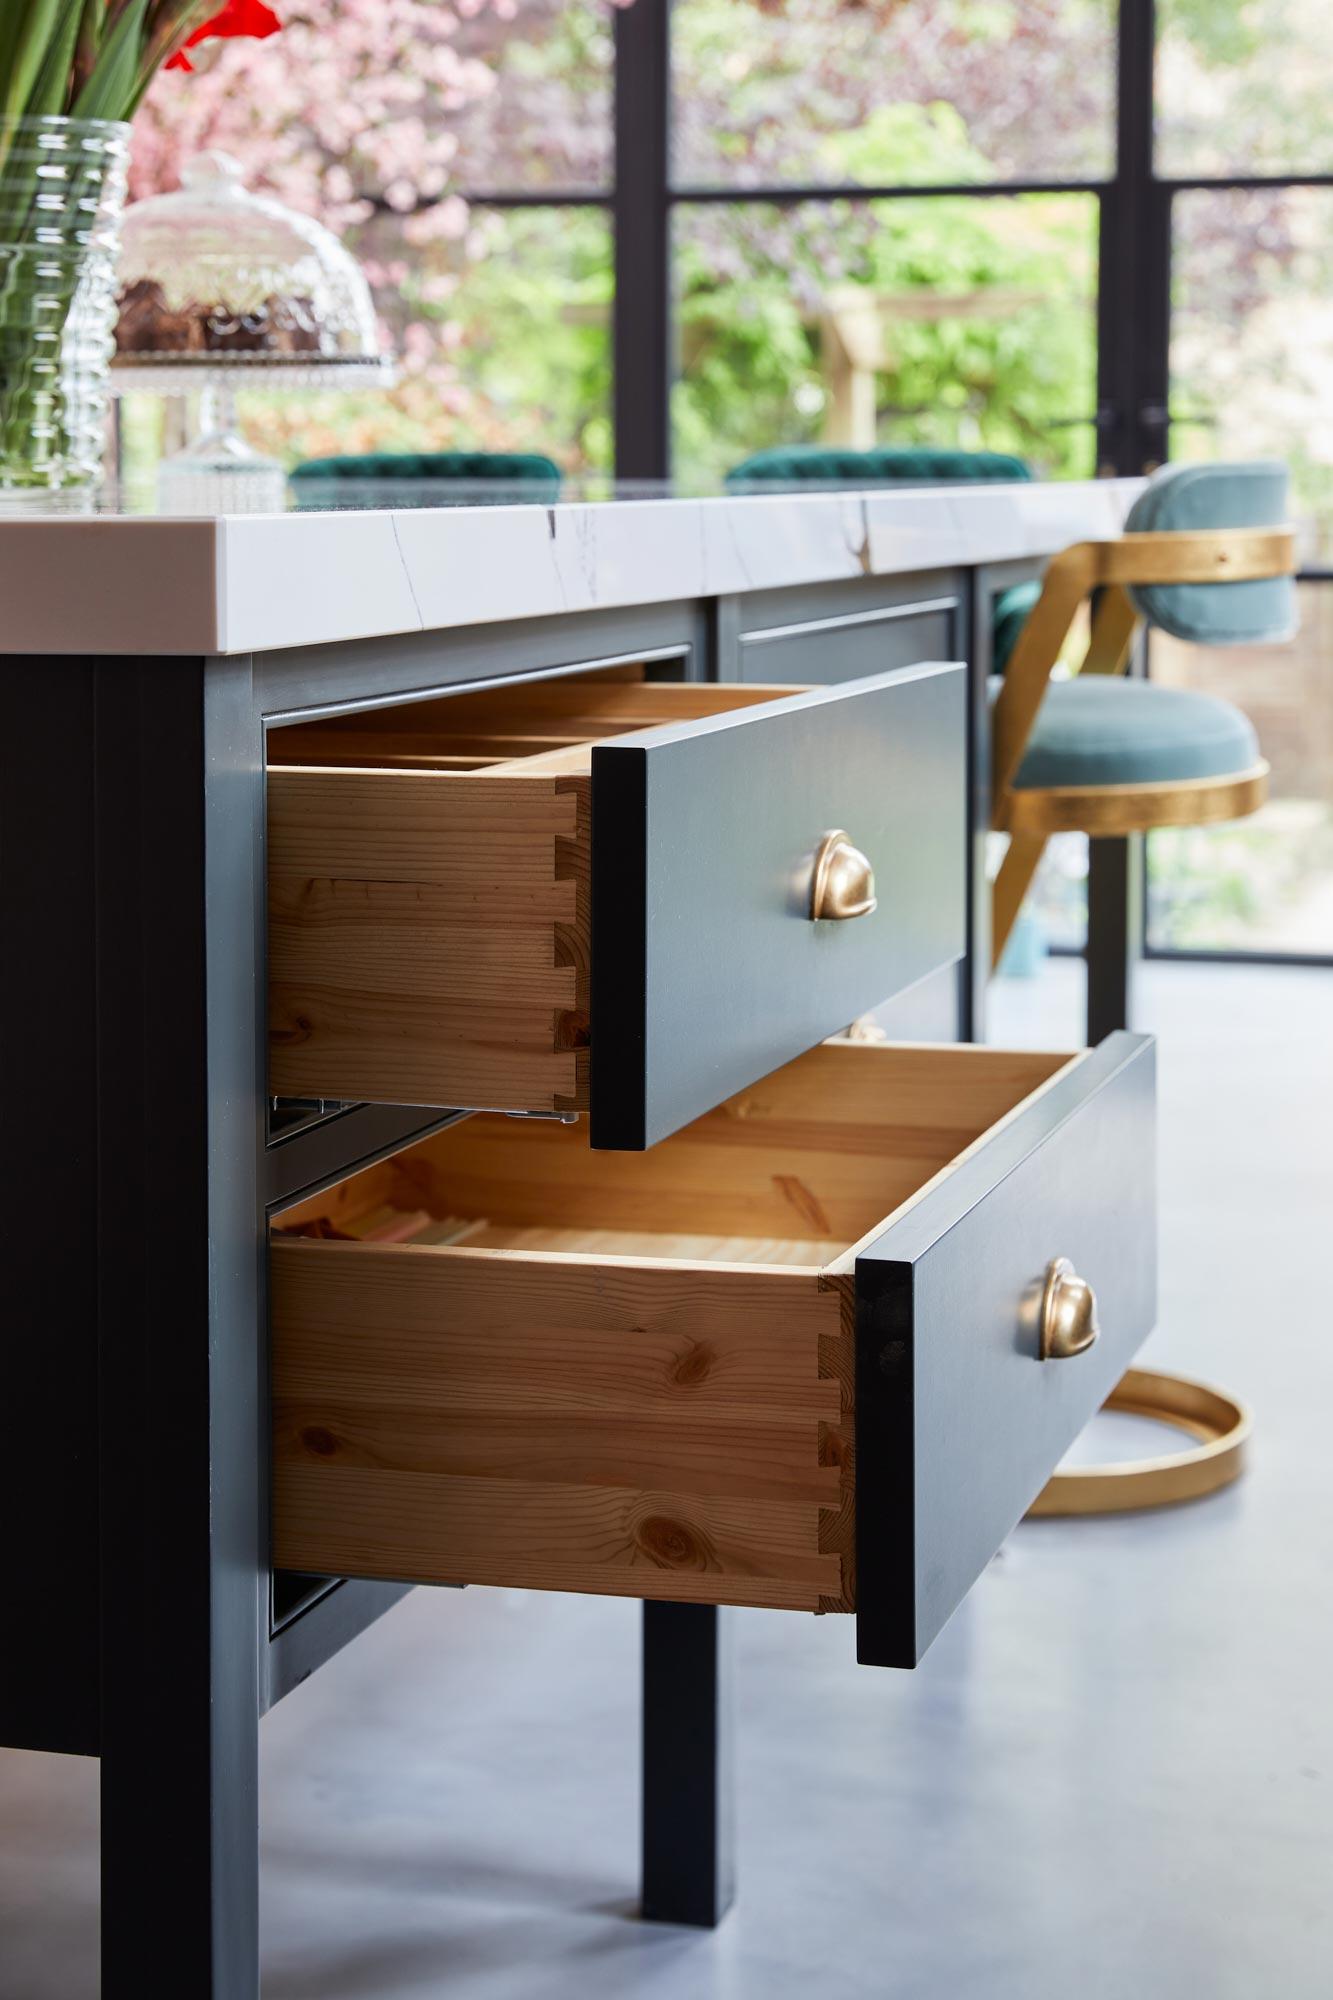 Large kitchen island pan drawers